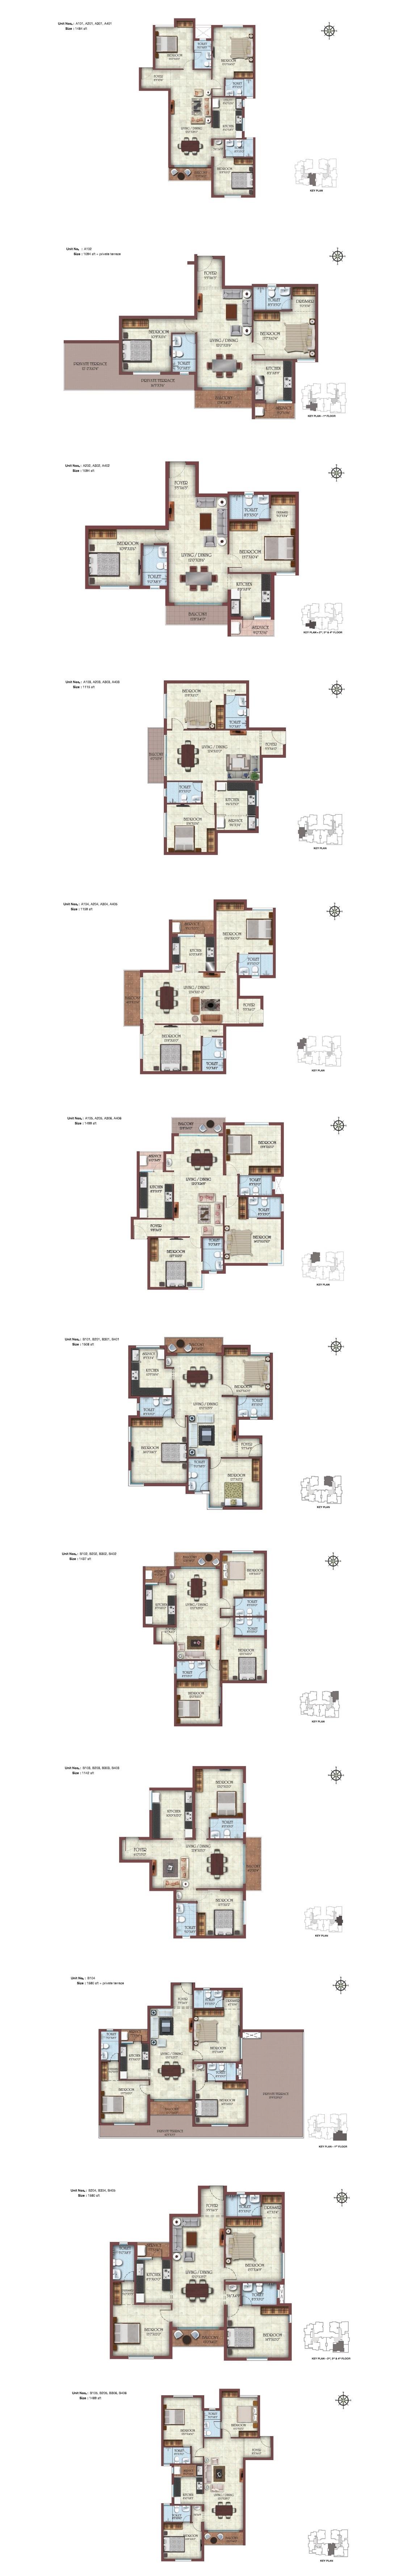 Casa Grande Ritz Chennai